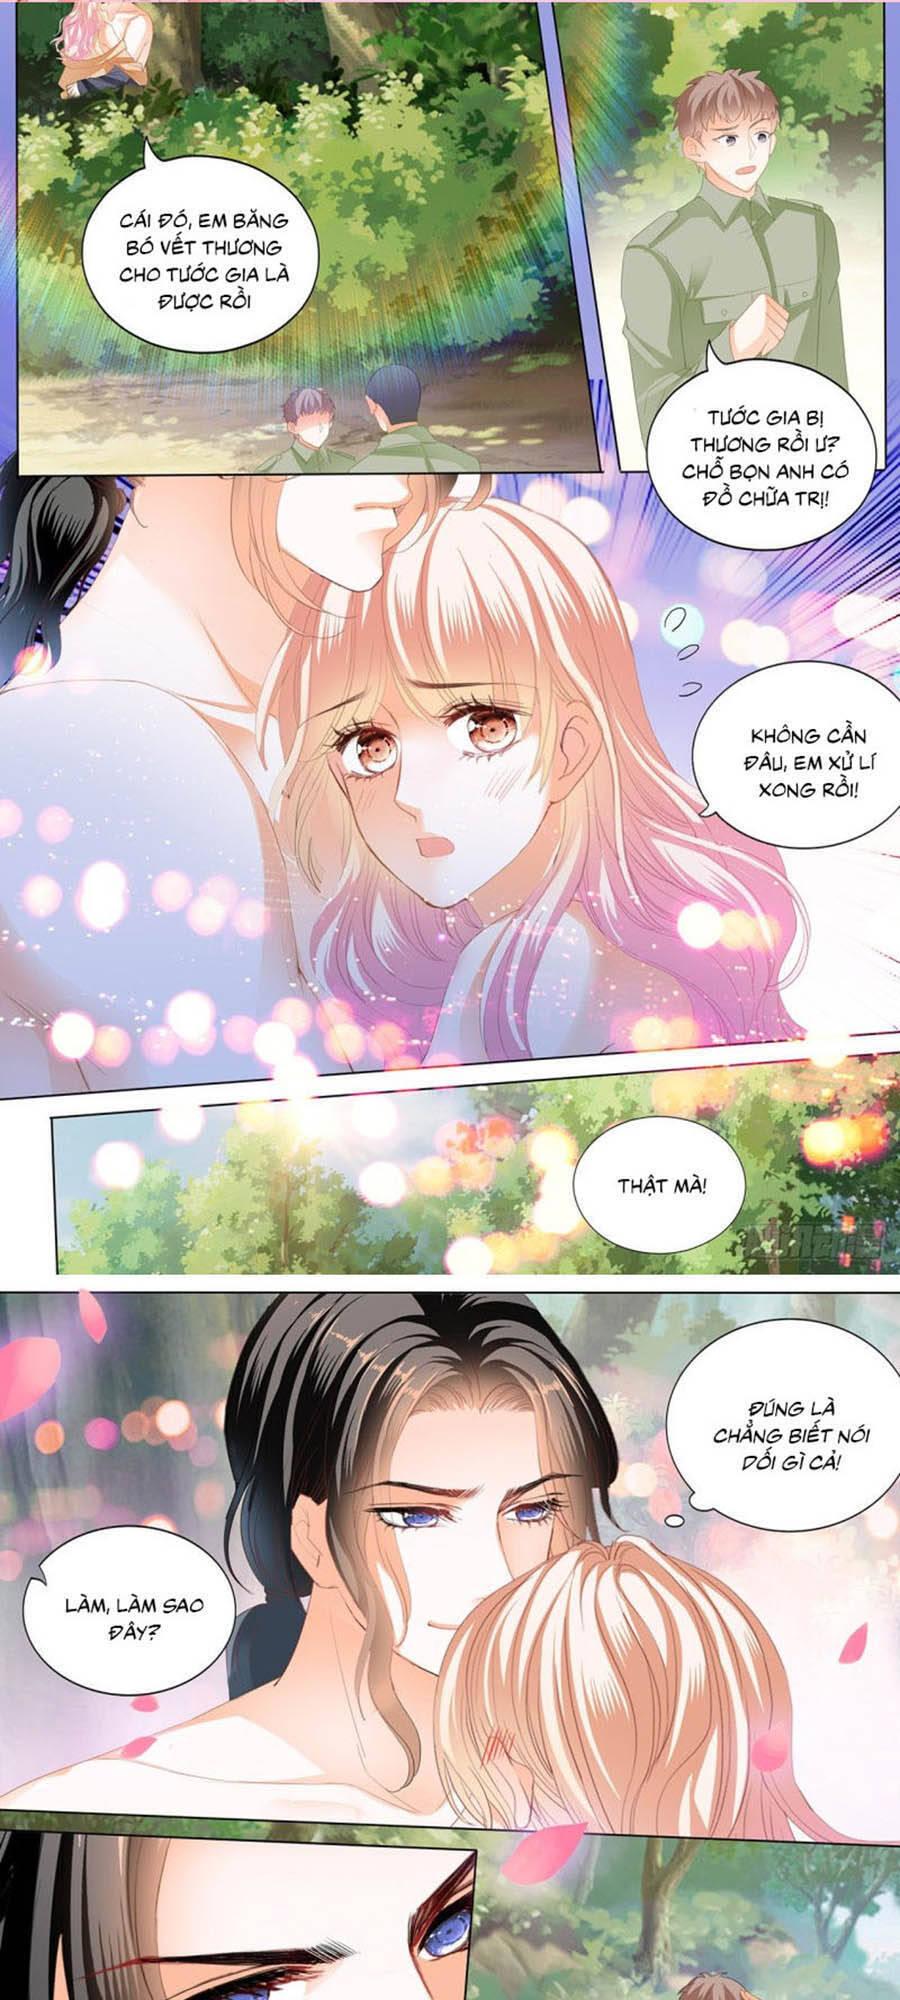 Bá Đạo Tiểu Thúc, Xin Trêu Chọc Vừa Thôi! Chapter 221 - upload bởi truyensieuhay.com